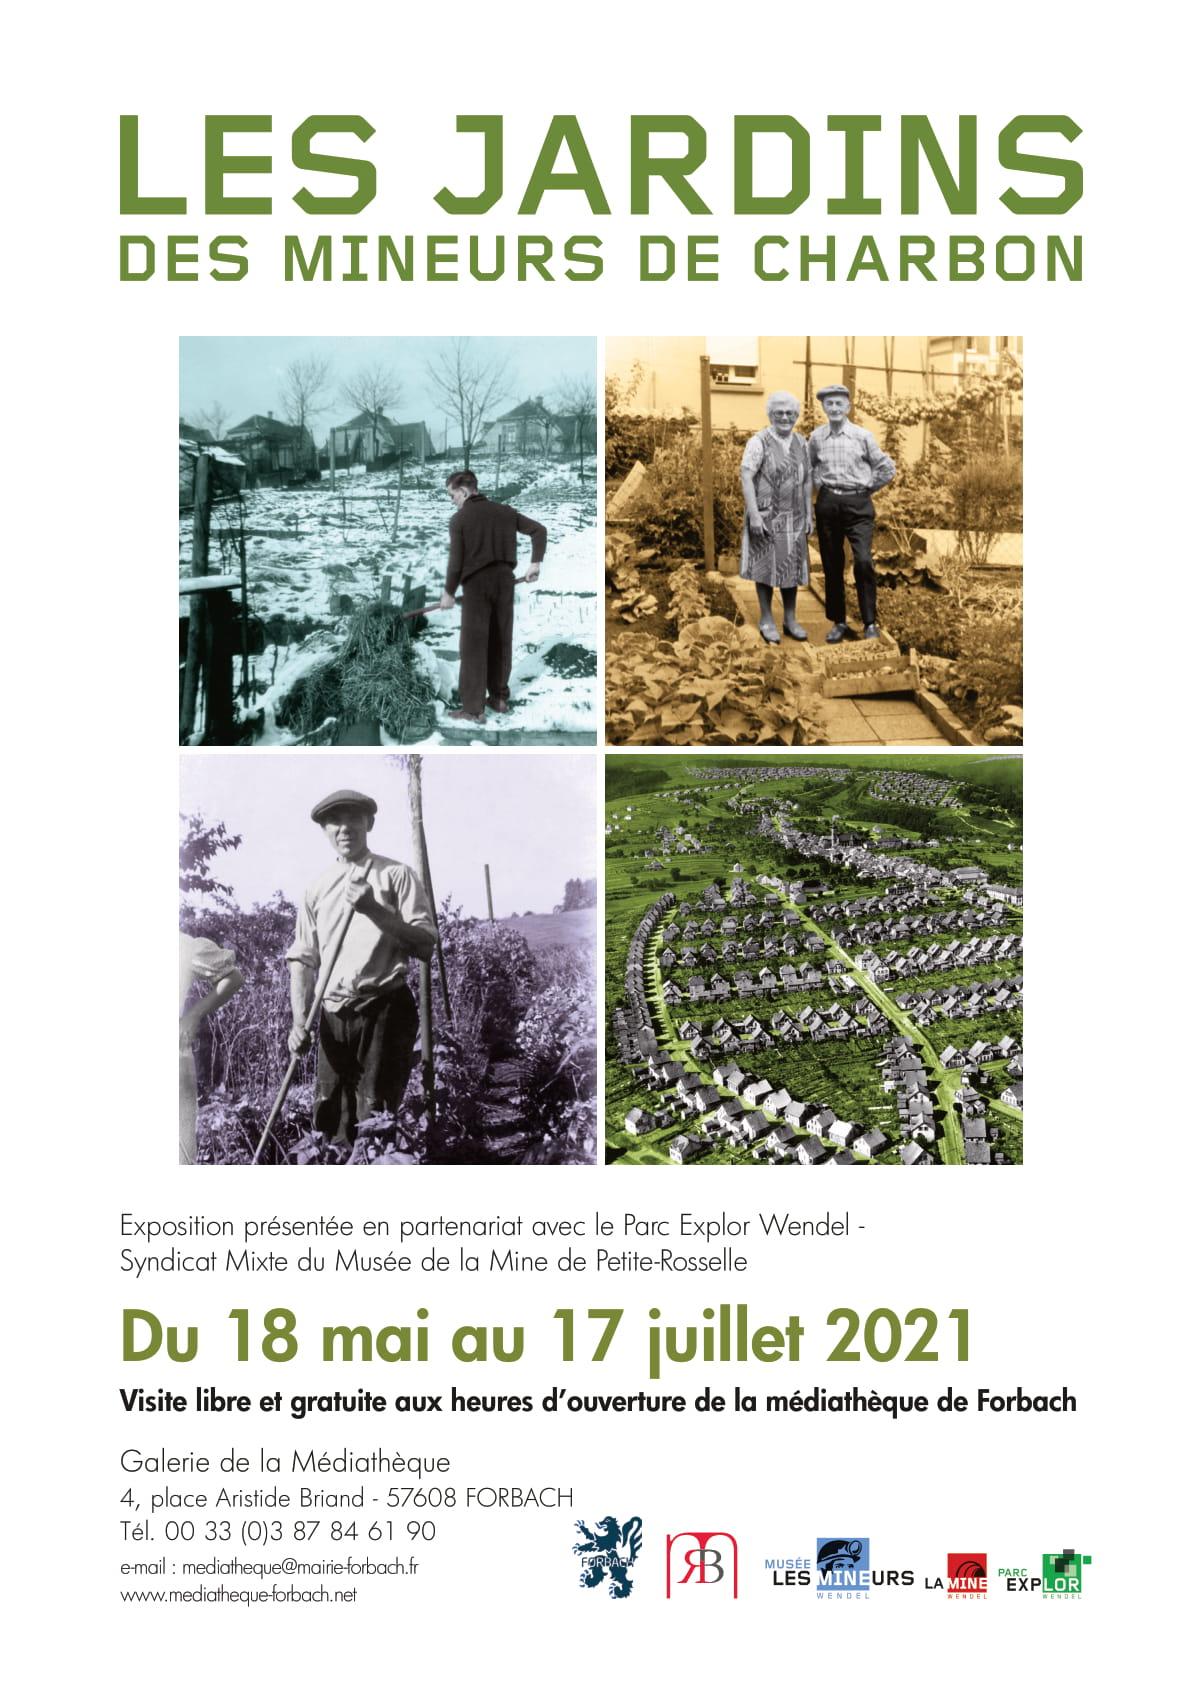 les_jardins_des_mineurs_de_charbon-1.jpg